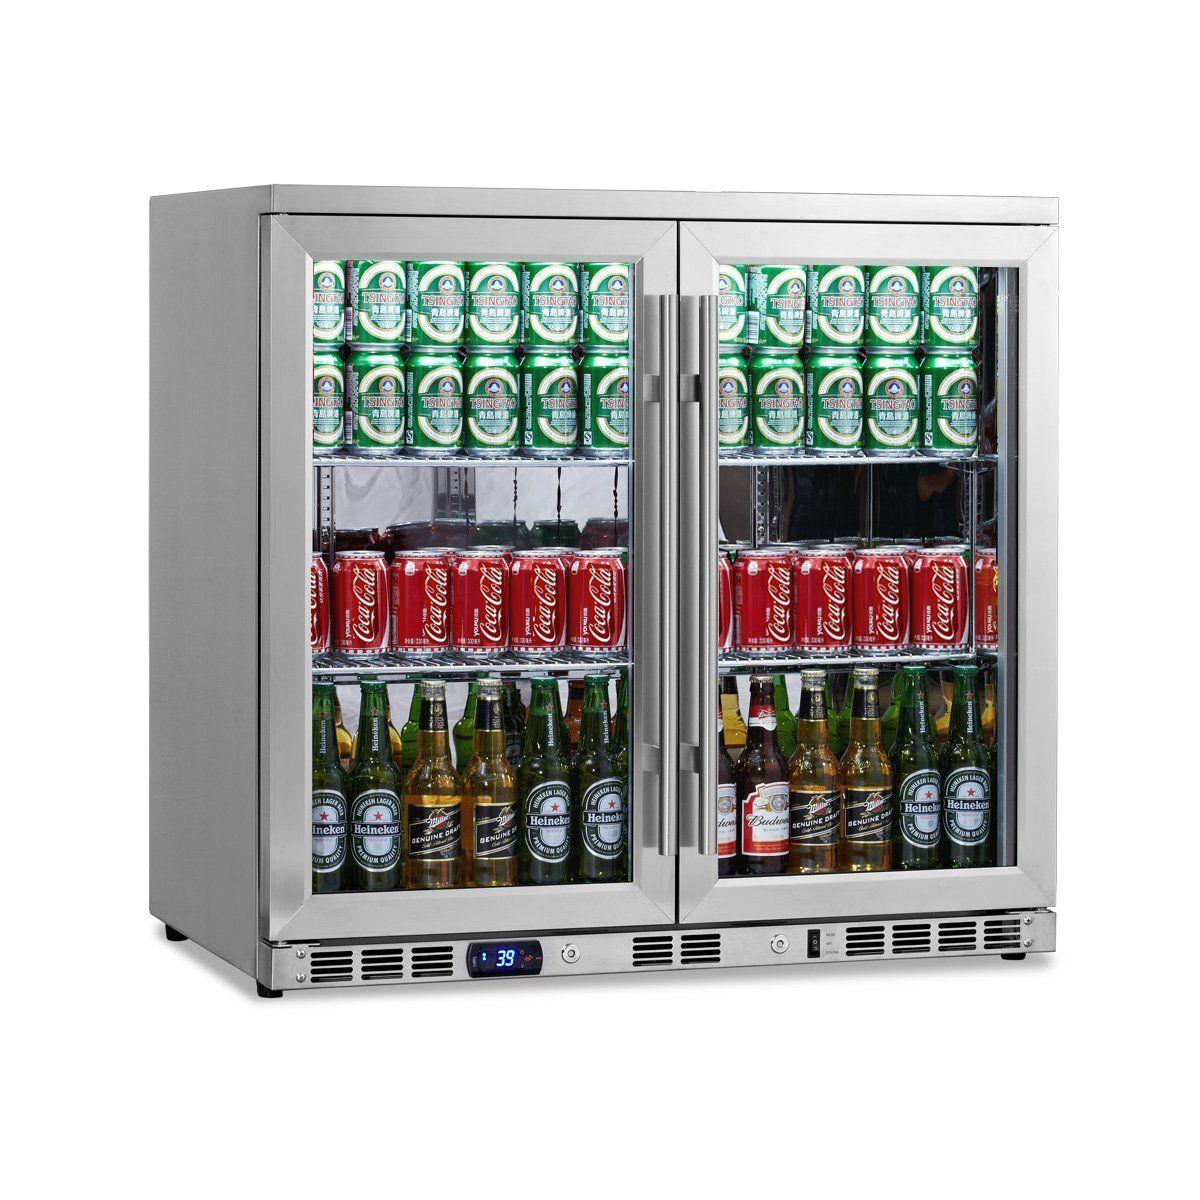 Kingsbottle 169 Can 2 Door Under Counter Beverage Cooler With